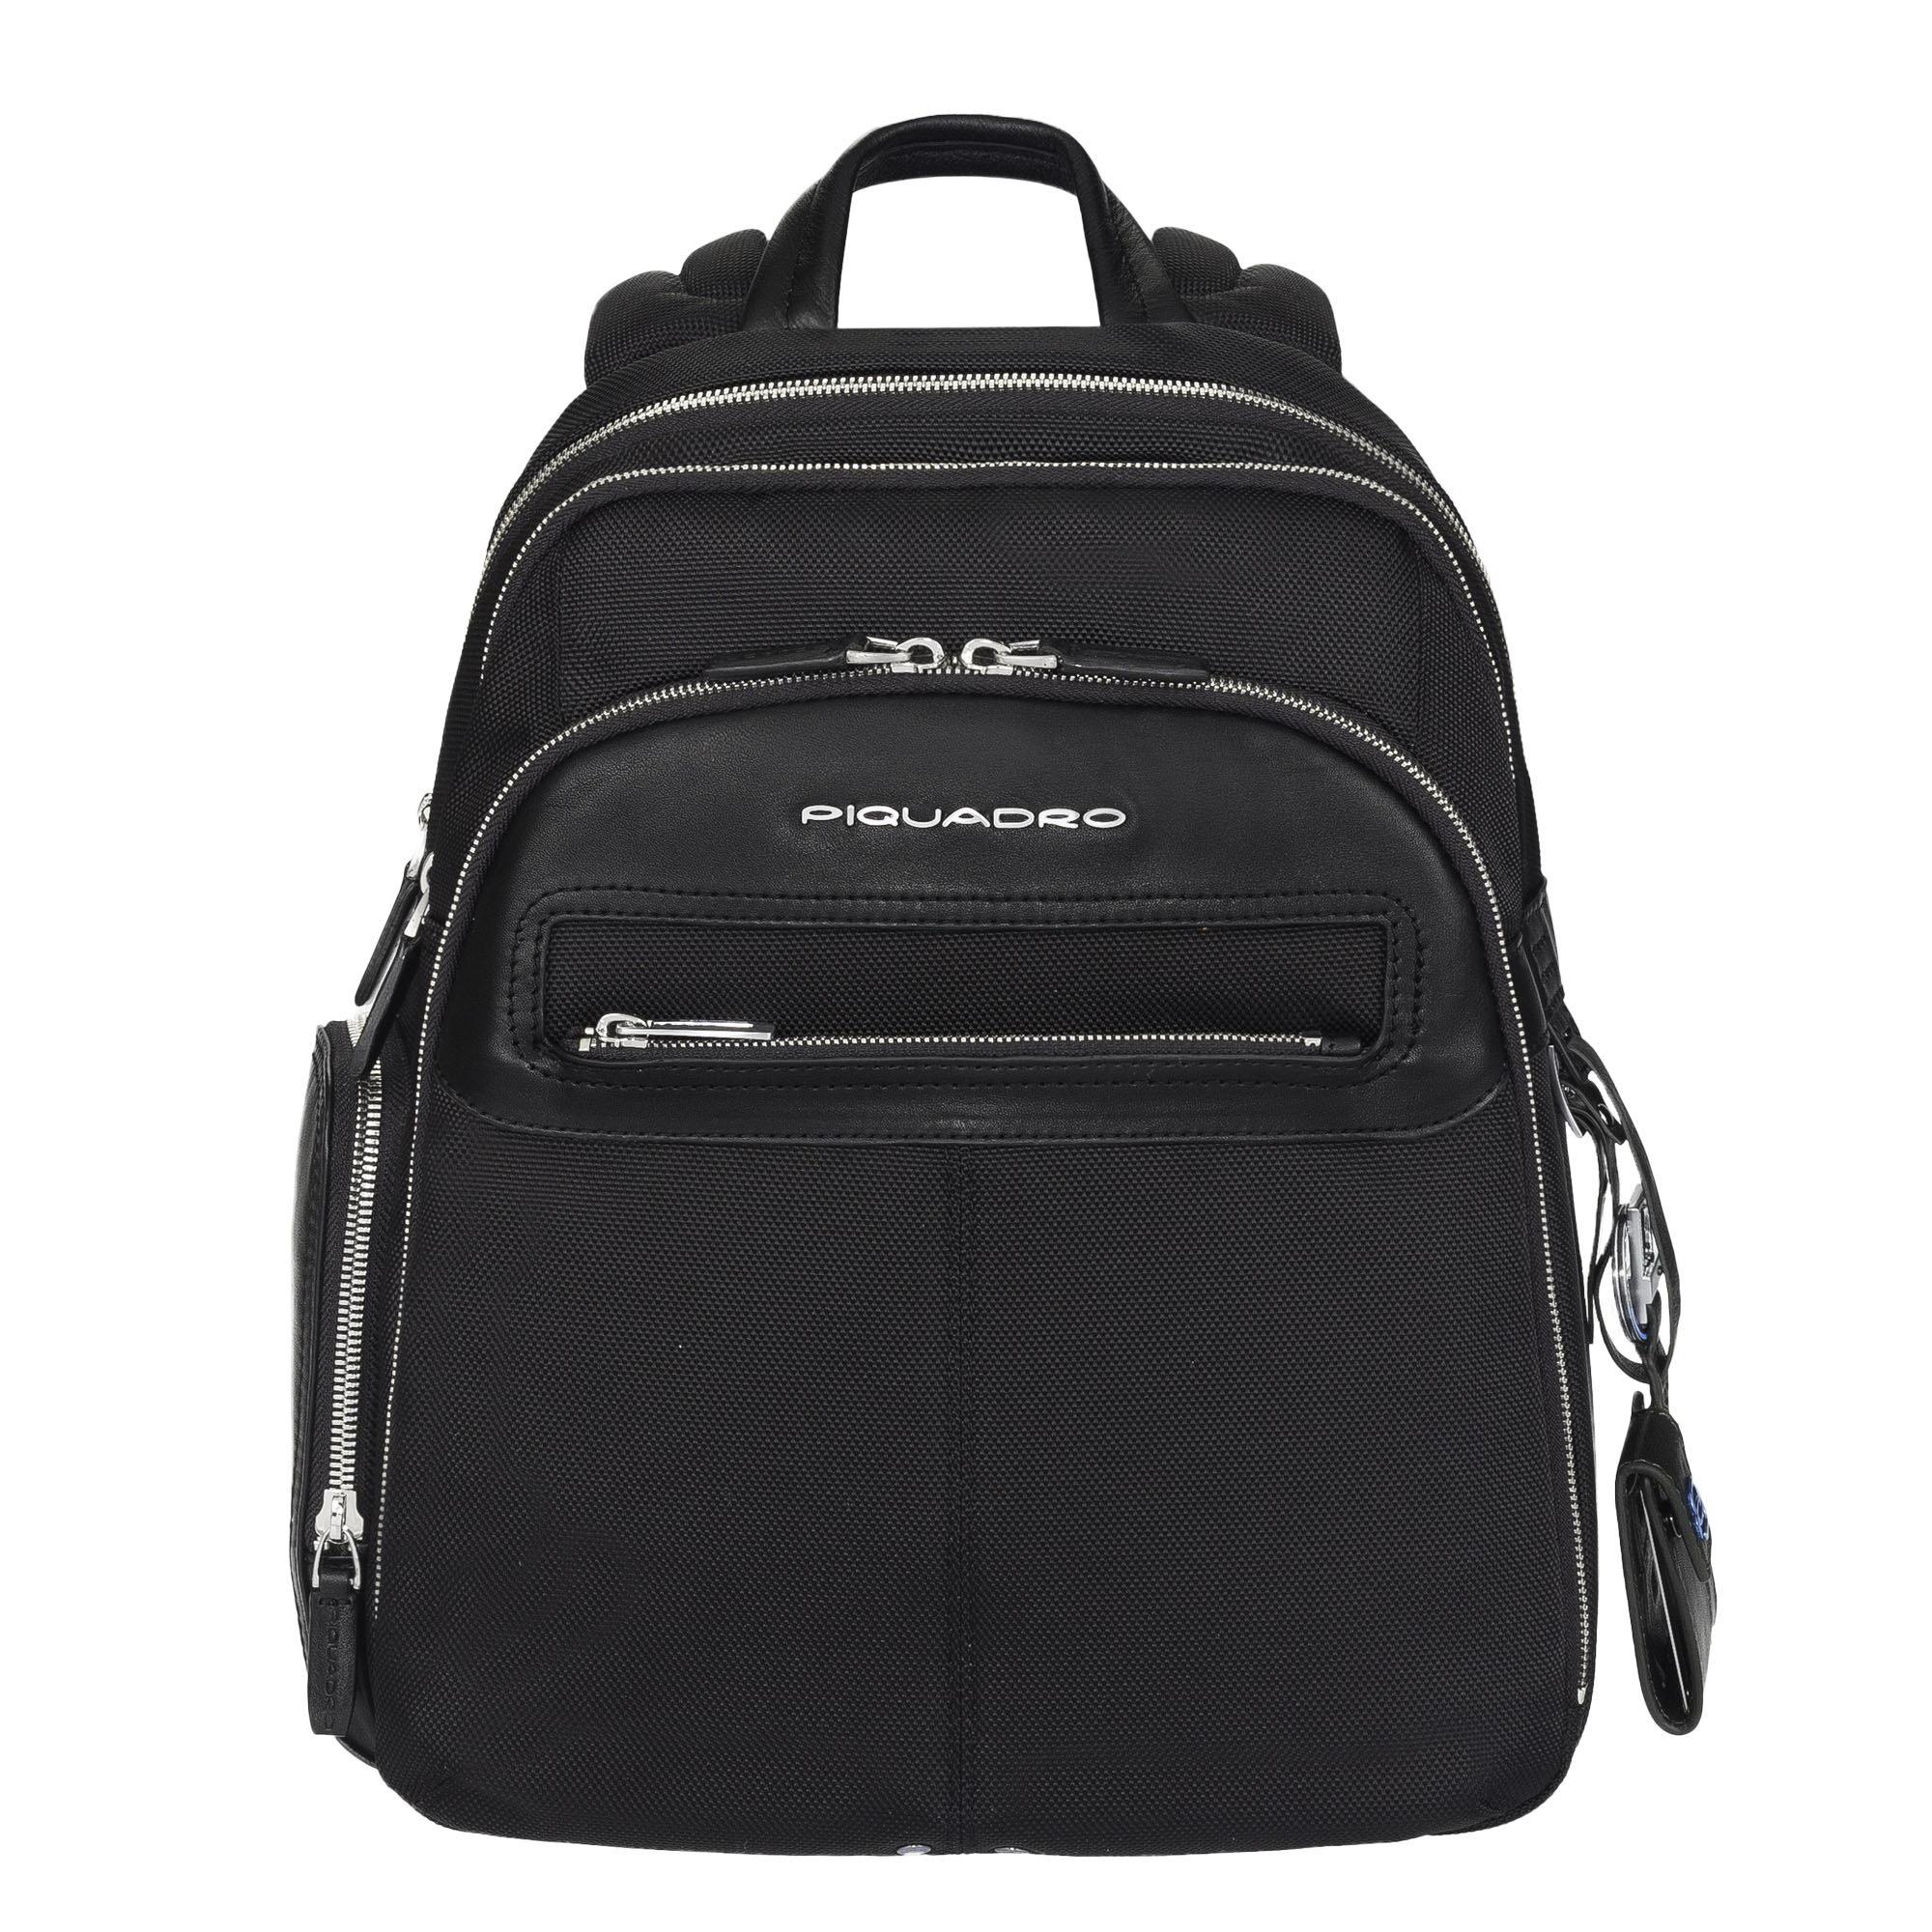 Рюкзак Piquadro Link, цвет черный, 29х34,5х14 см (CA1886LK/N)